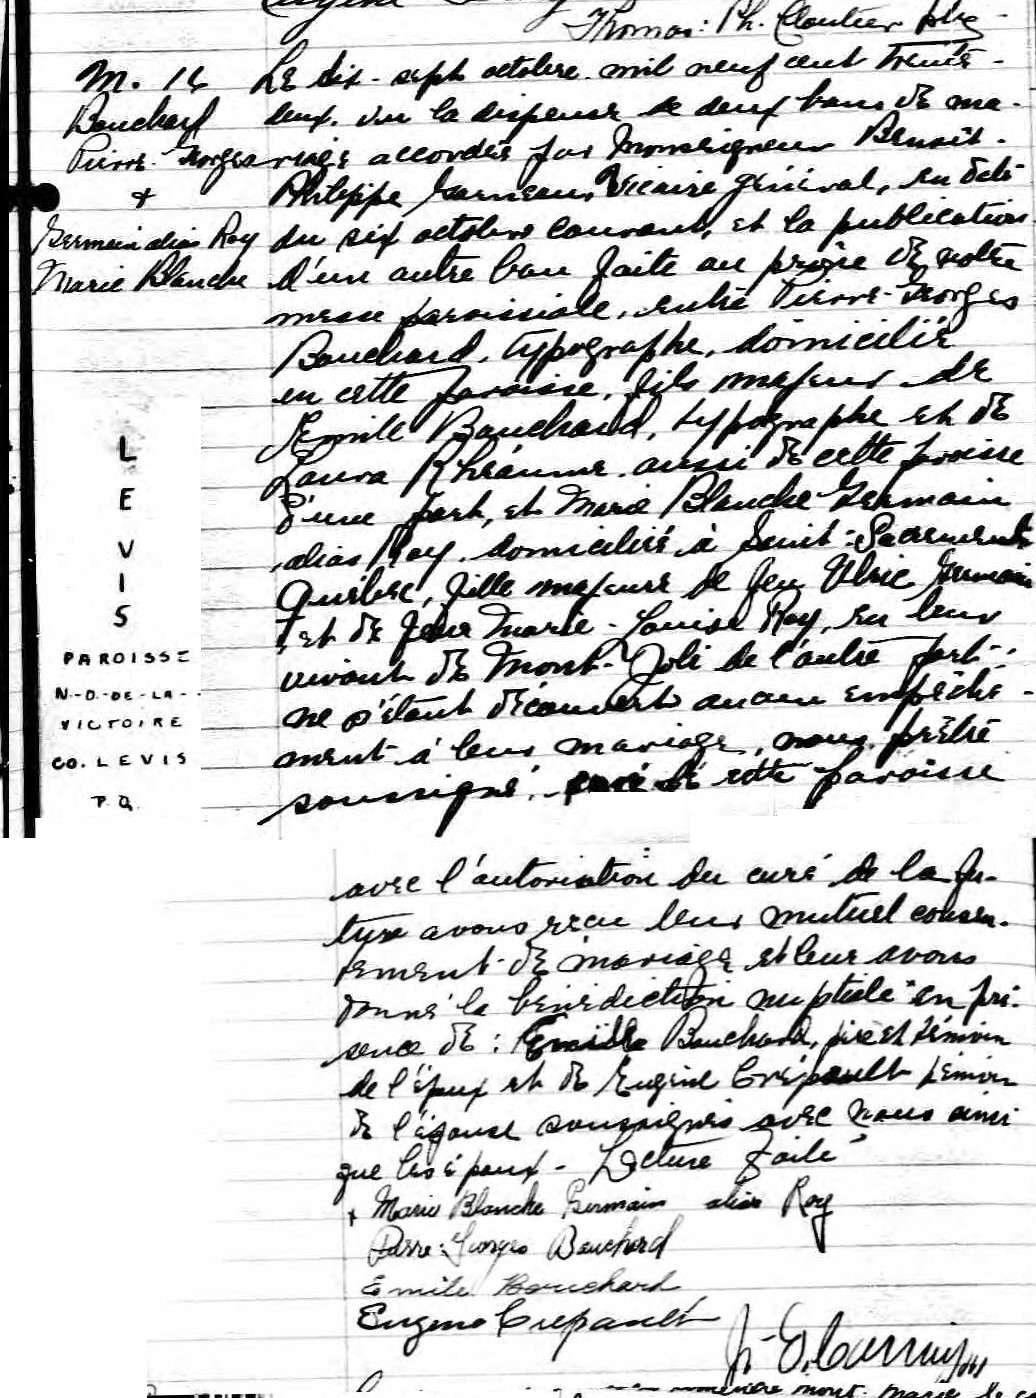 Ulric Germain pendu en 1927 à Rimouski pour le meurtre de son épouse Marie_11